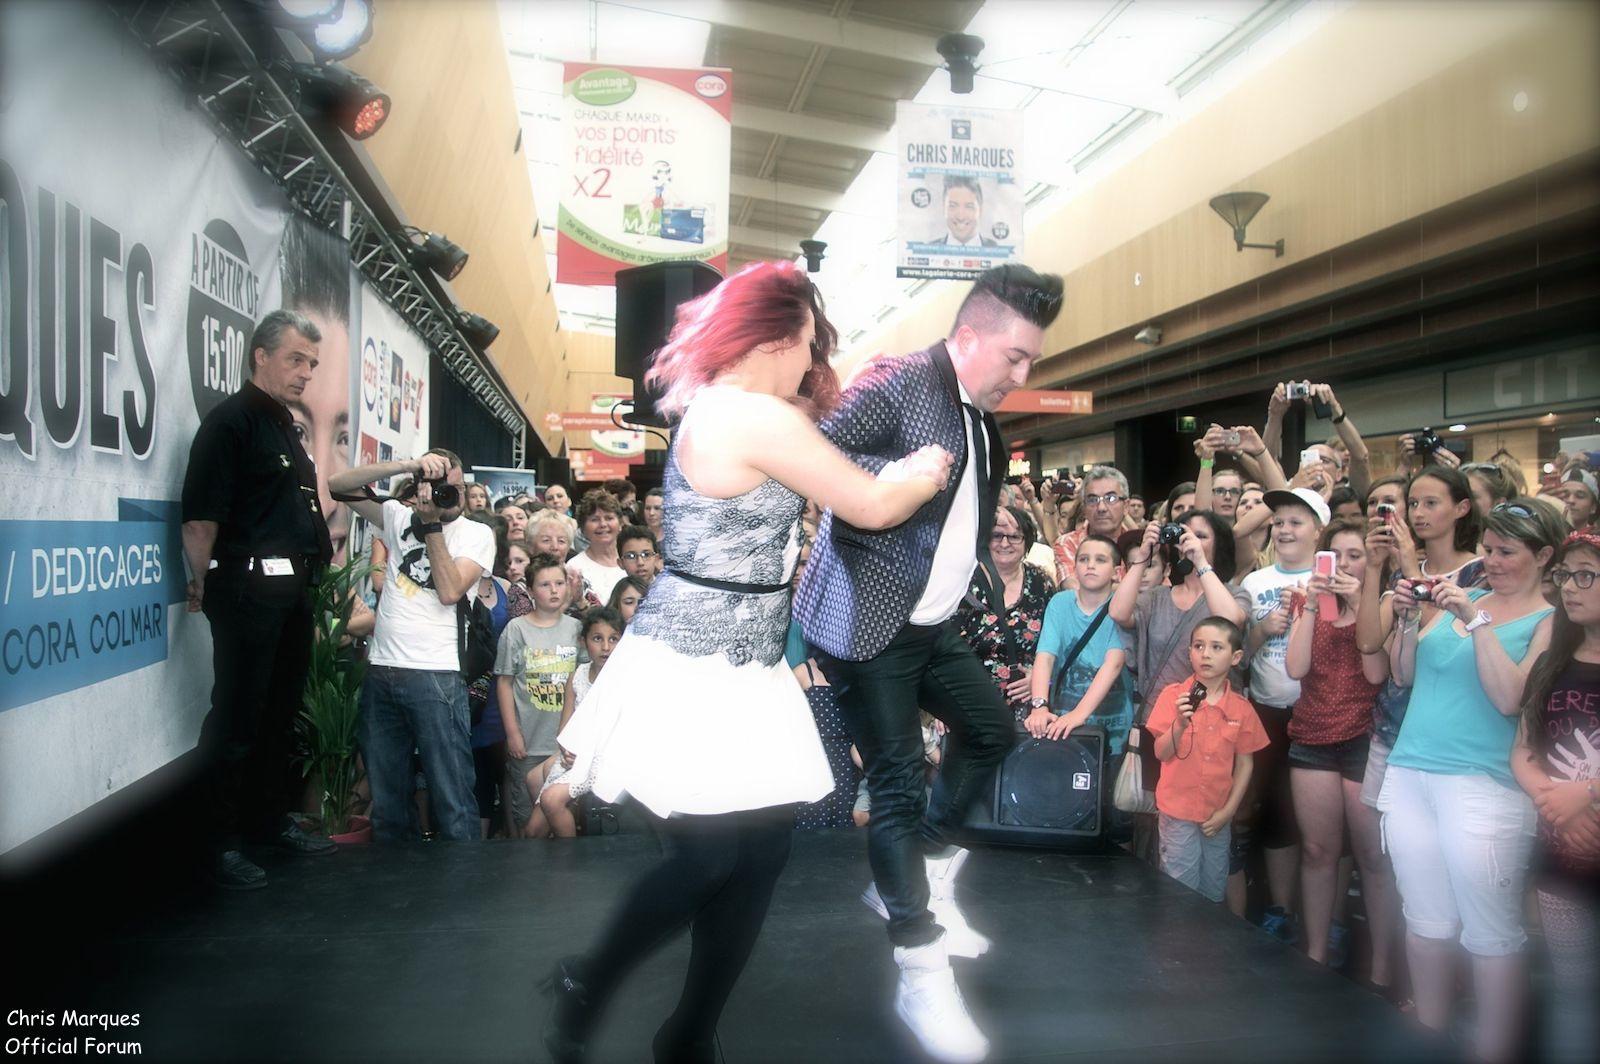 [14.06.2014] Evénement à #Colmar Chris Marques et Jaclyn Spencer pour un Flashmob/Cours de Danse/Dédicaces exceptionnels le tout organisé par la MJC de Colmar 12711